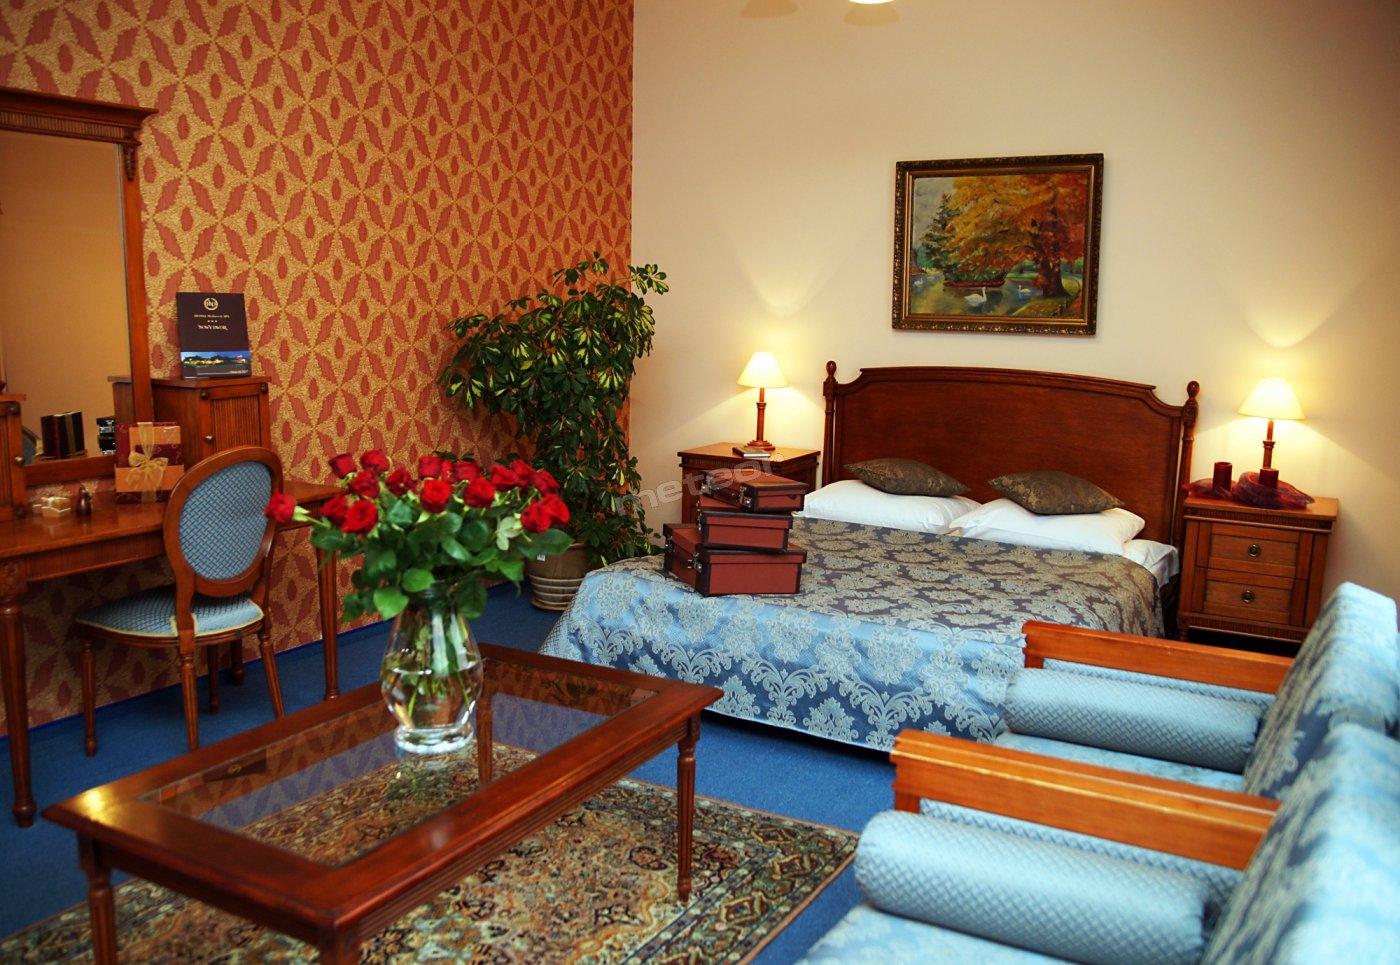 Hotel Wellness & SPA Nowy Dwór